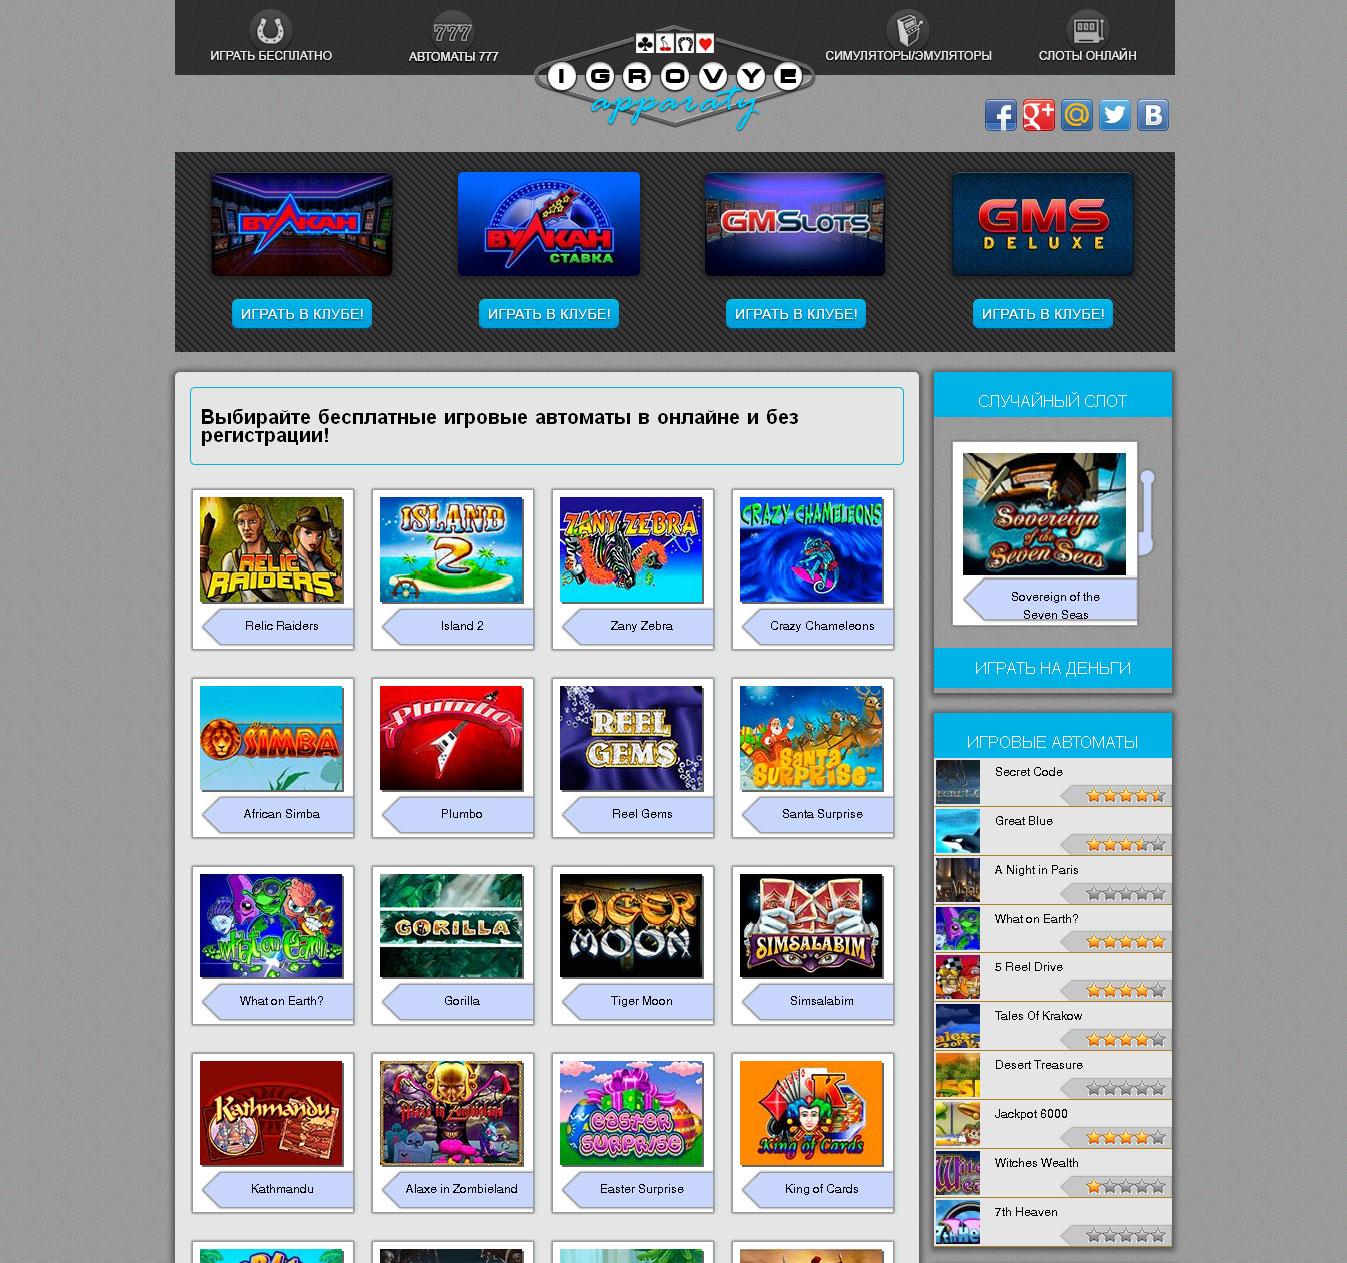 Играя бесплатно в игровые автоматы онлайн, вы получаете море удовольствия